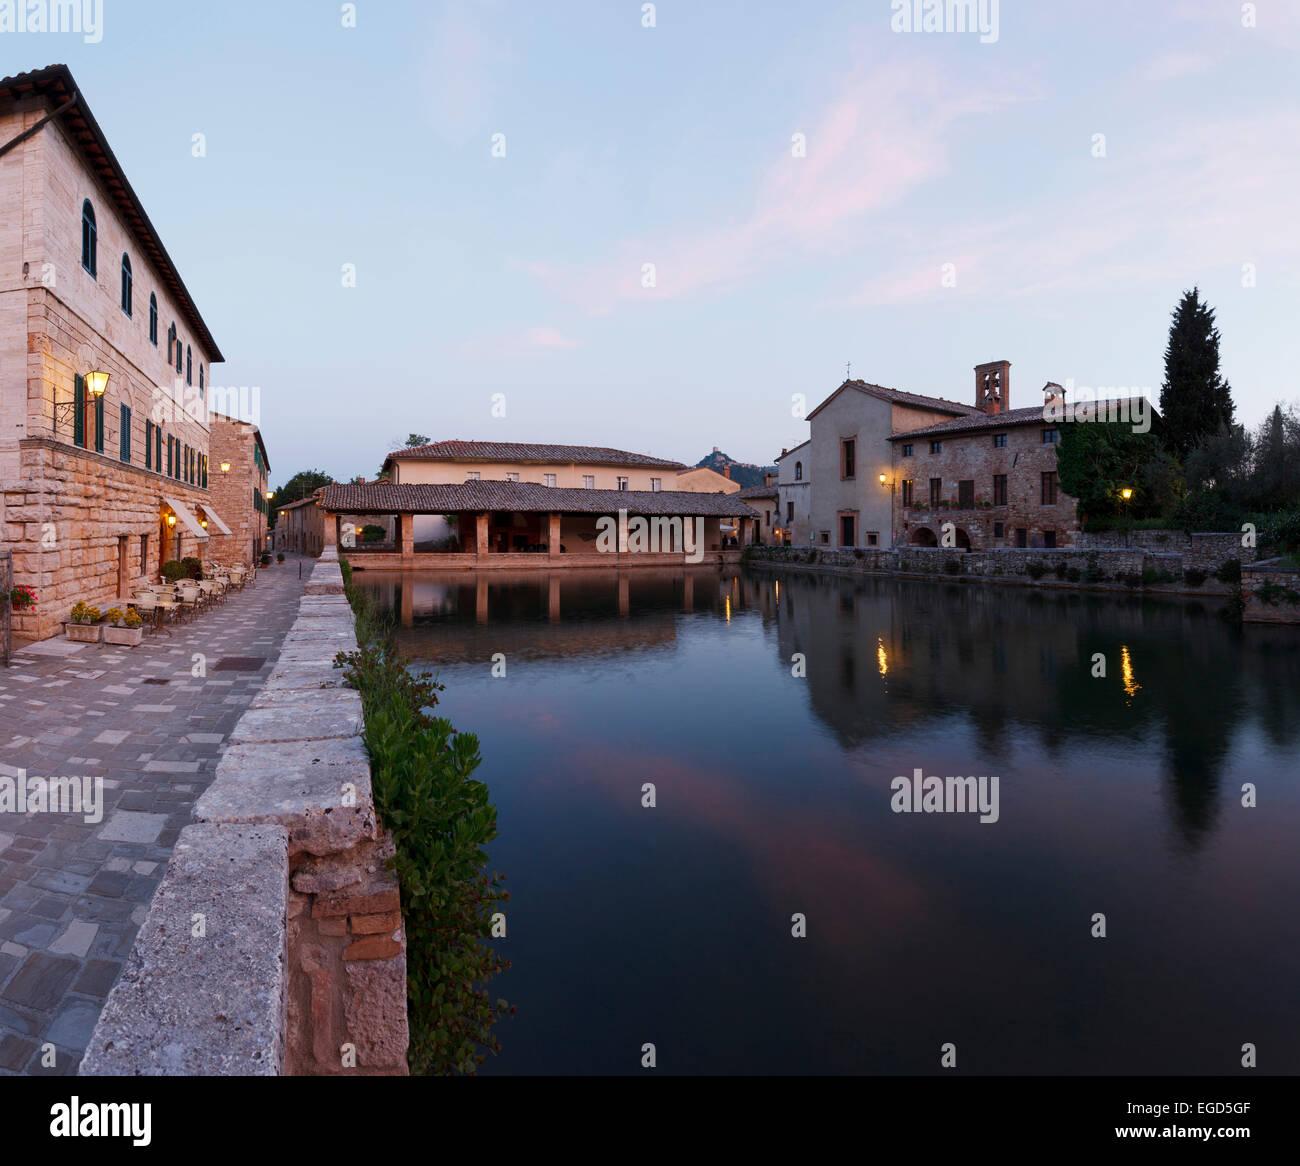 https://c8.alamy.com/compit/egd5gf/antico-borgo-di-bagno-vignoni-con-le-acque-termali-xvi-secolo-lhotel-restaurant-le-therme-bagno-vignoni-val-dorcia-val-dorcia-sito-patrimonio-mondiale-dellunesco-provincia-di-siena-toscana-italia-europa-egd5gf.jpg